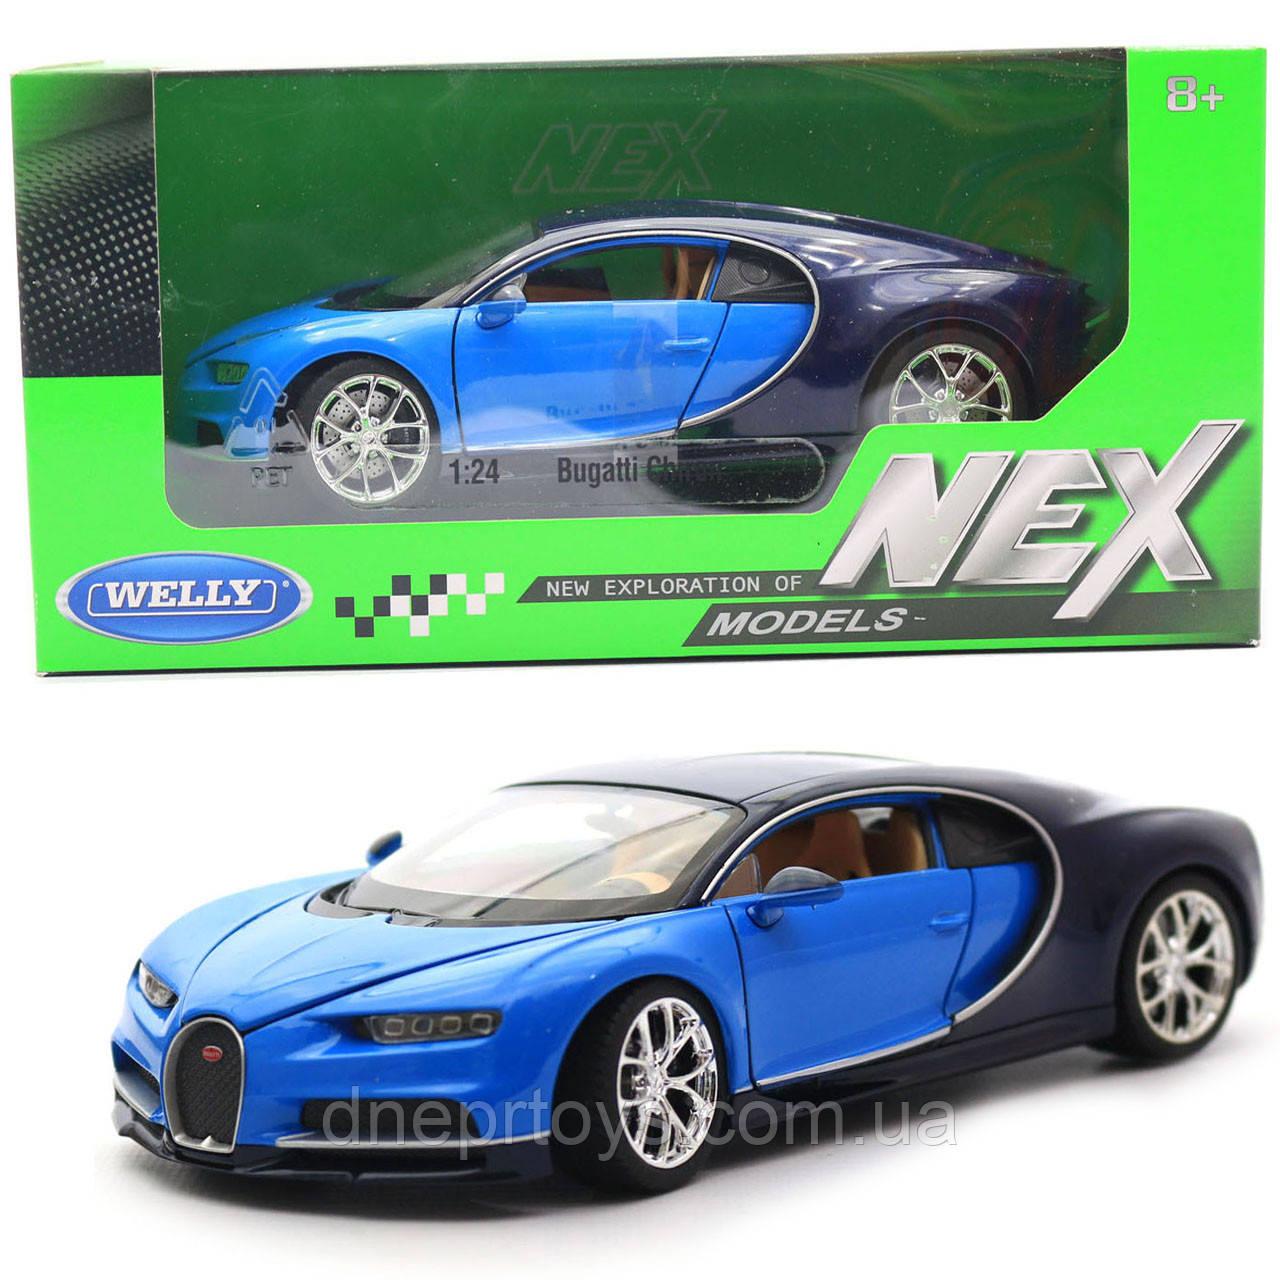 Іграшкова машинка Welly Nex «Країна Іграшок» Бугатті Широн, синій, 18 см (24077W)